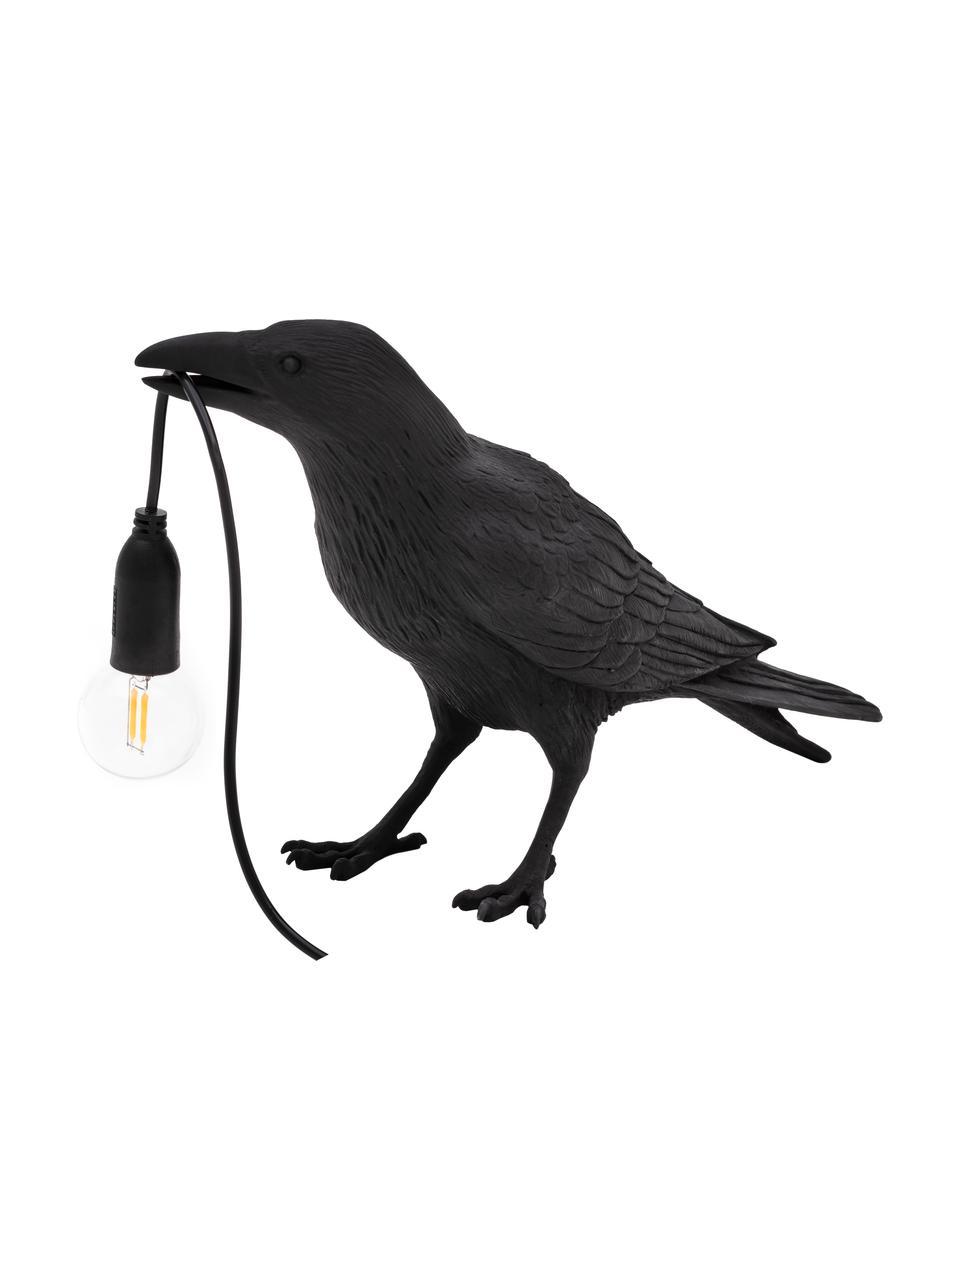 Kleine Design-Tischlampe Bird, Schwarz, 33 x 12 cm